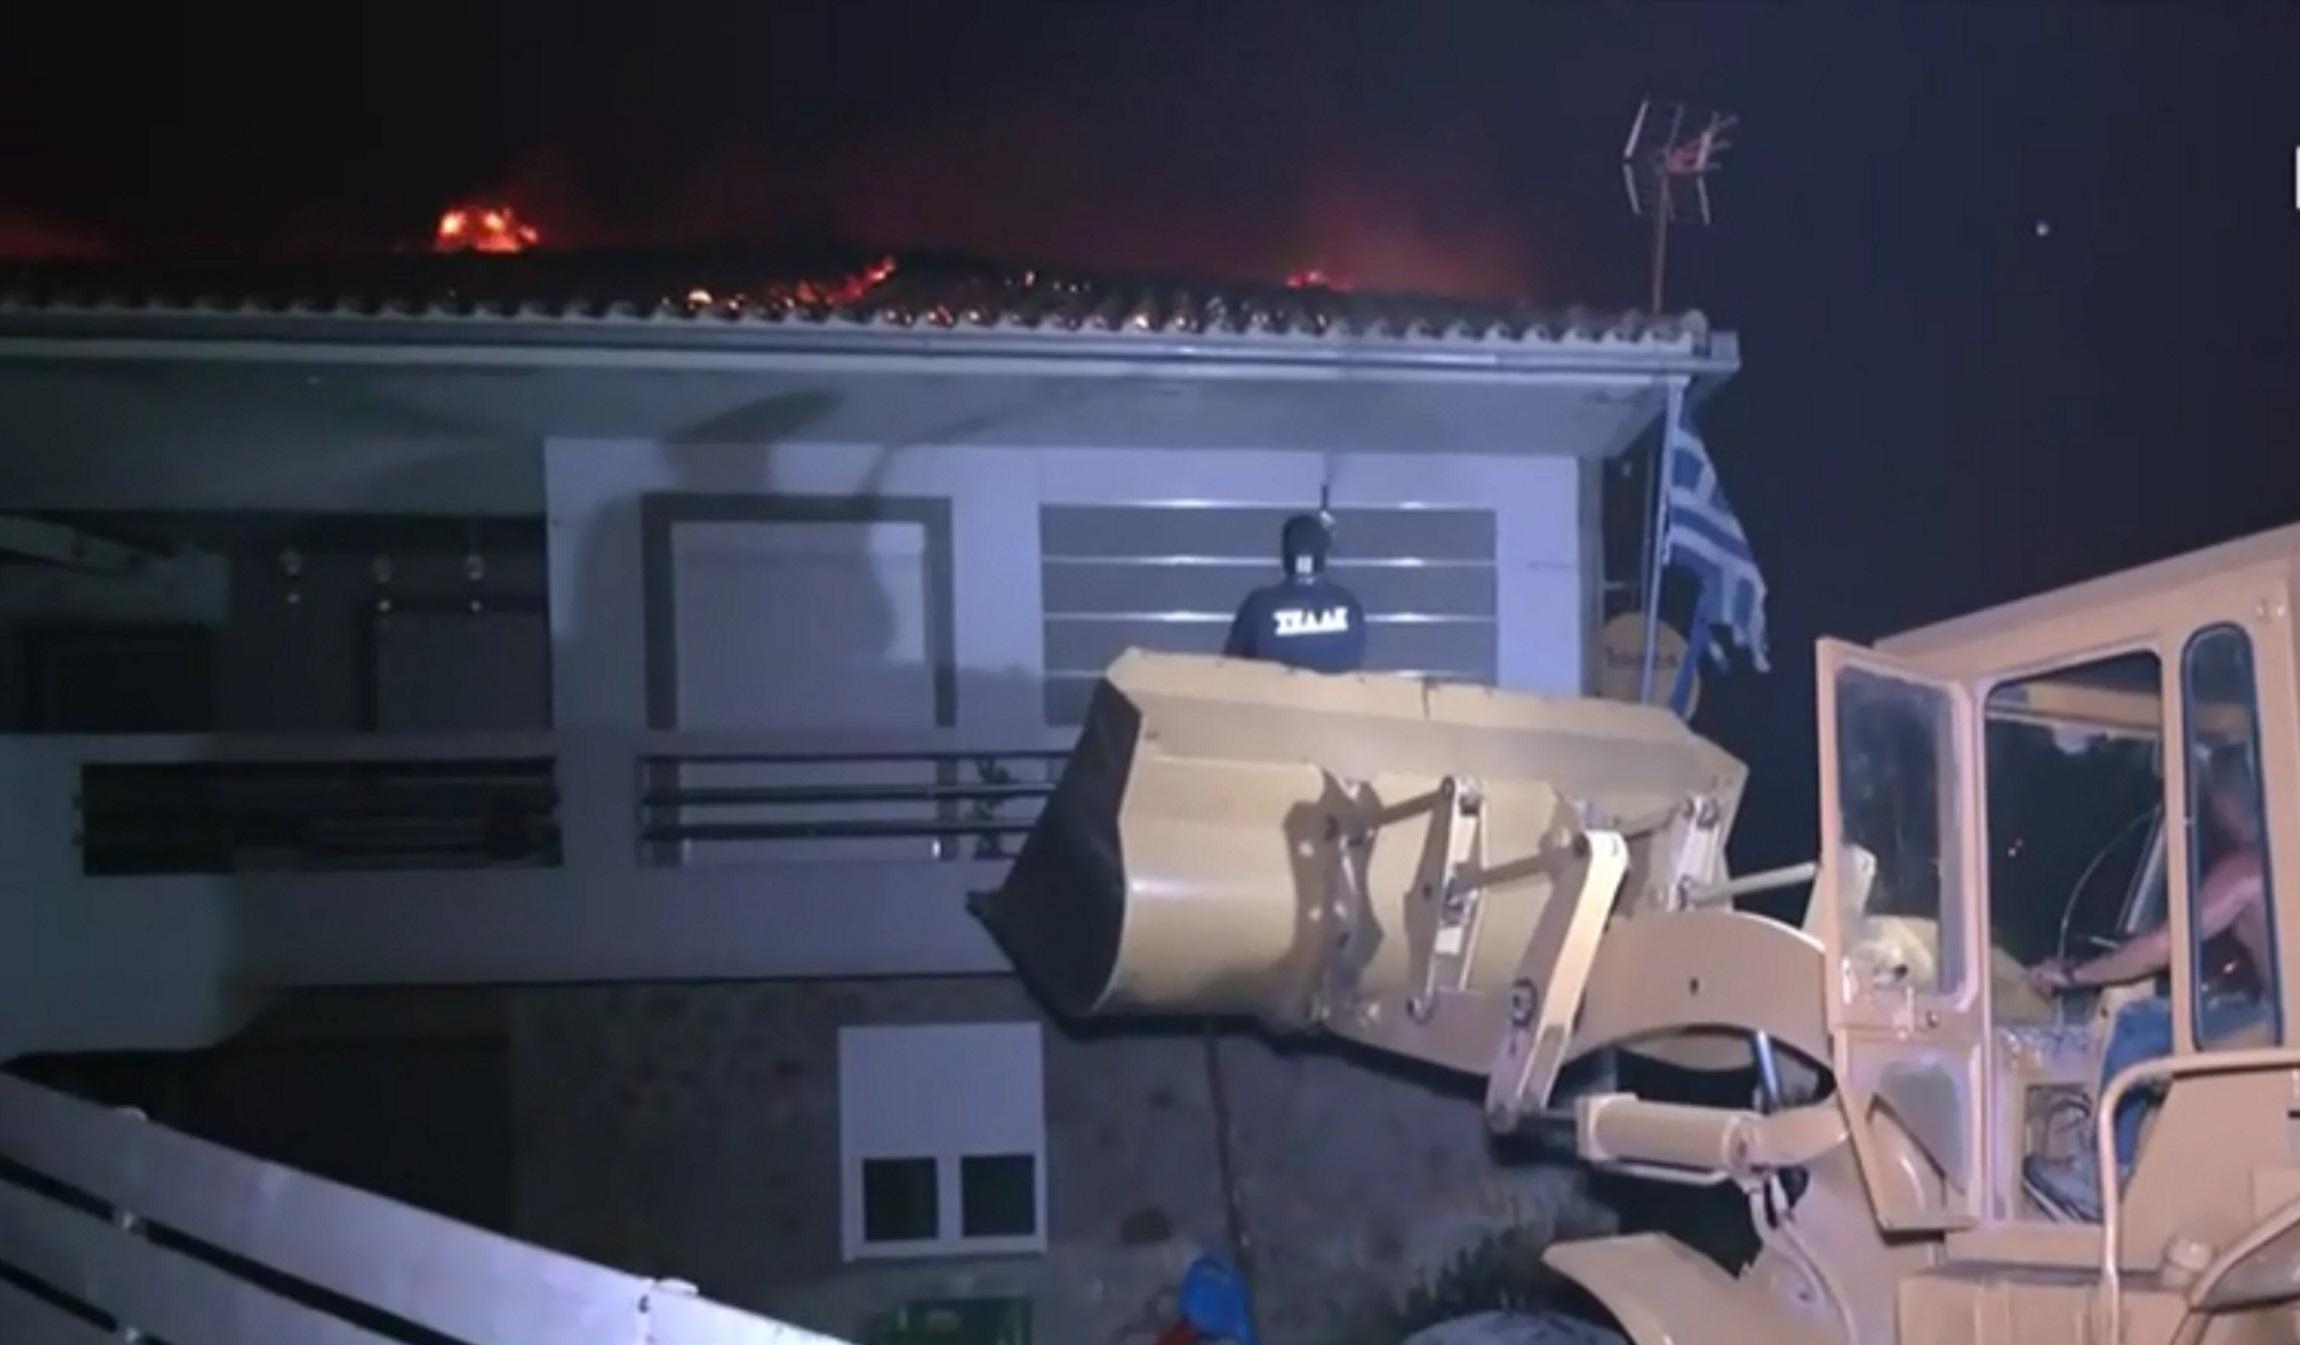 Φωτιά στην Εύβοια: Συγκλονιστικό βίντεο – Με εκσκαφέα προσπαθούν να σώσουν φλεγόμενο σπίτι